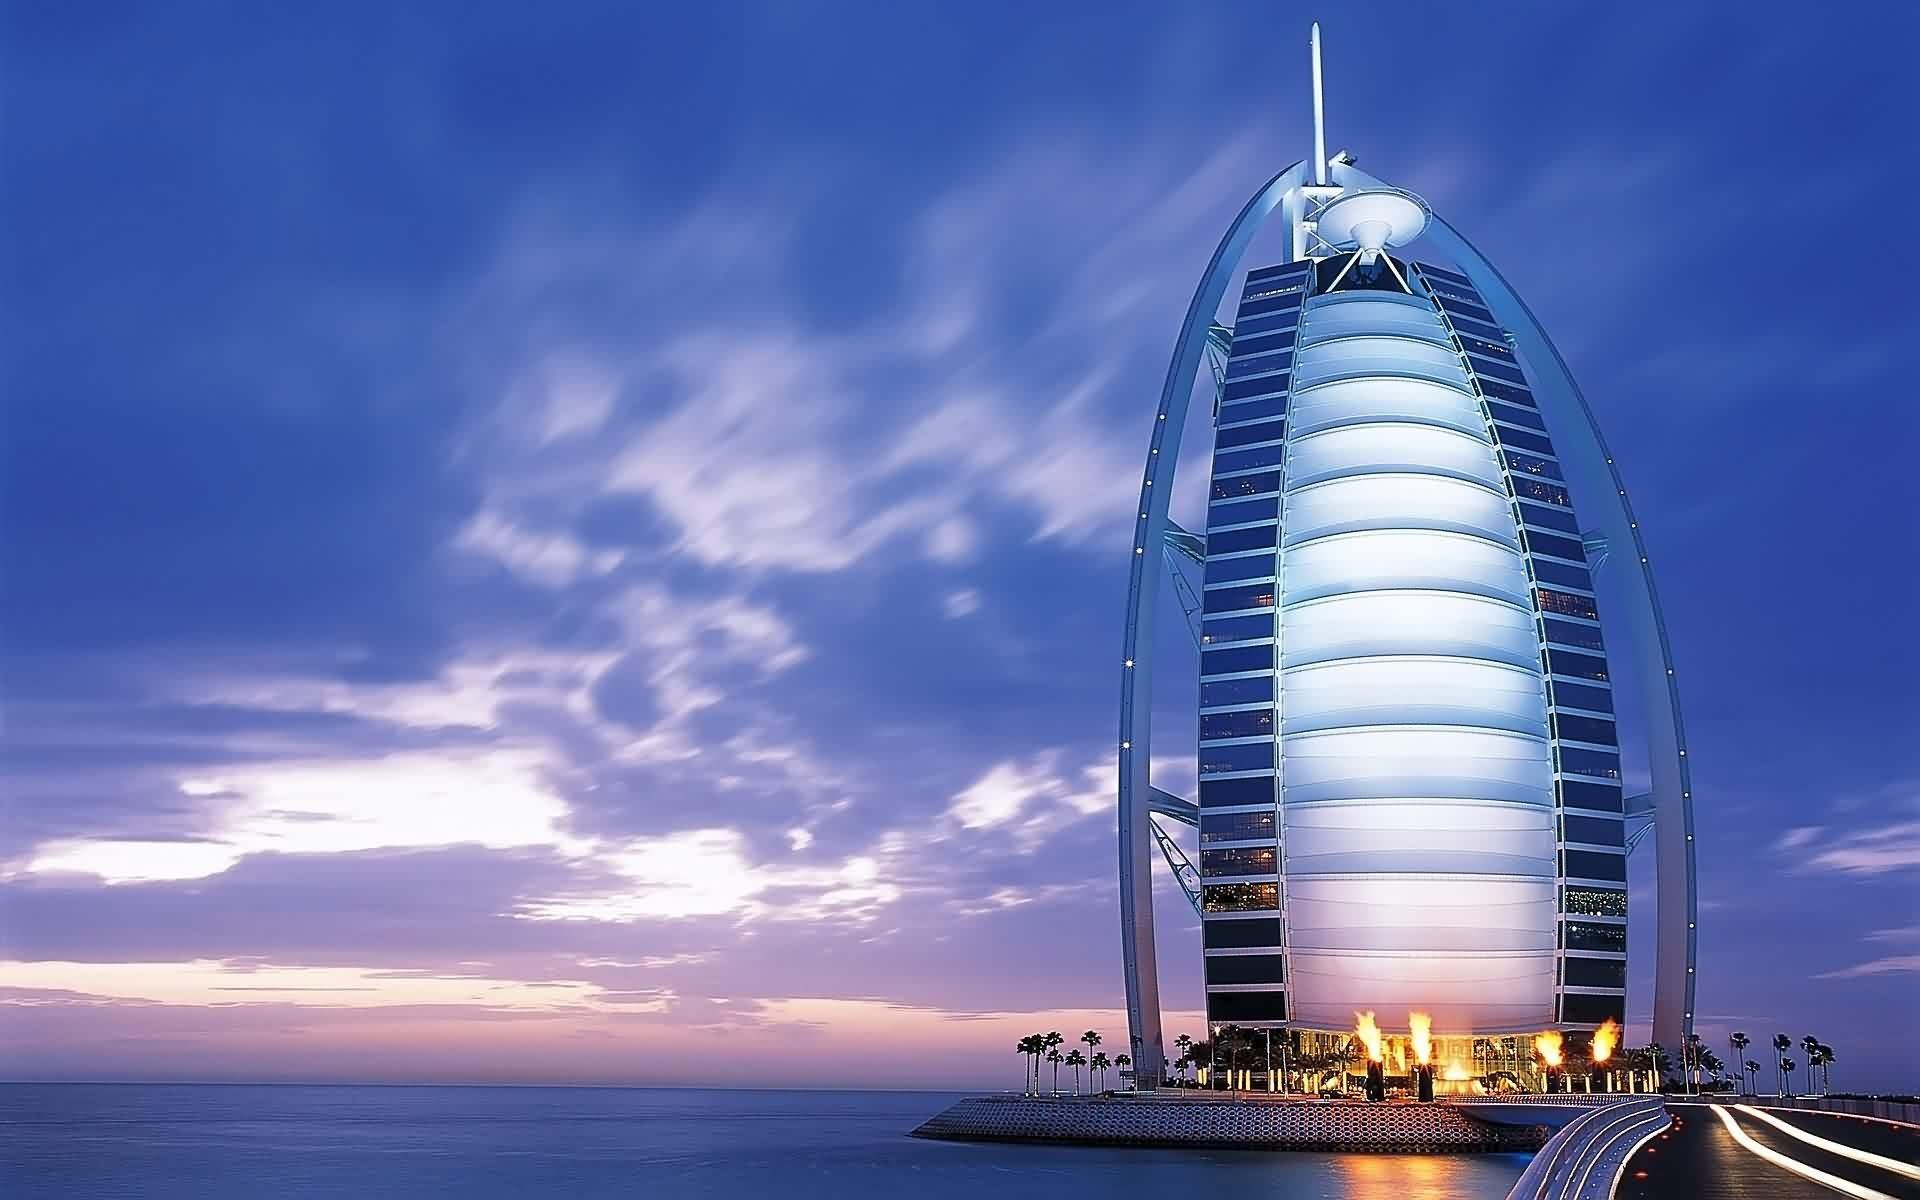 بالصور اماكن سياحية في دبي للعائلات , اجمل الاماكن السياحية في الامارات للتنزه العائلي 1871 1